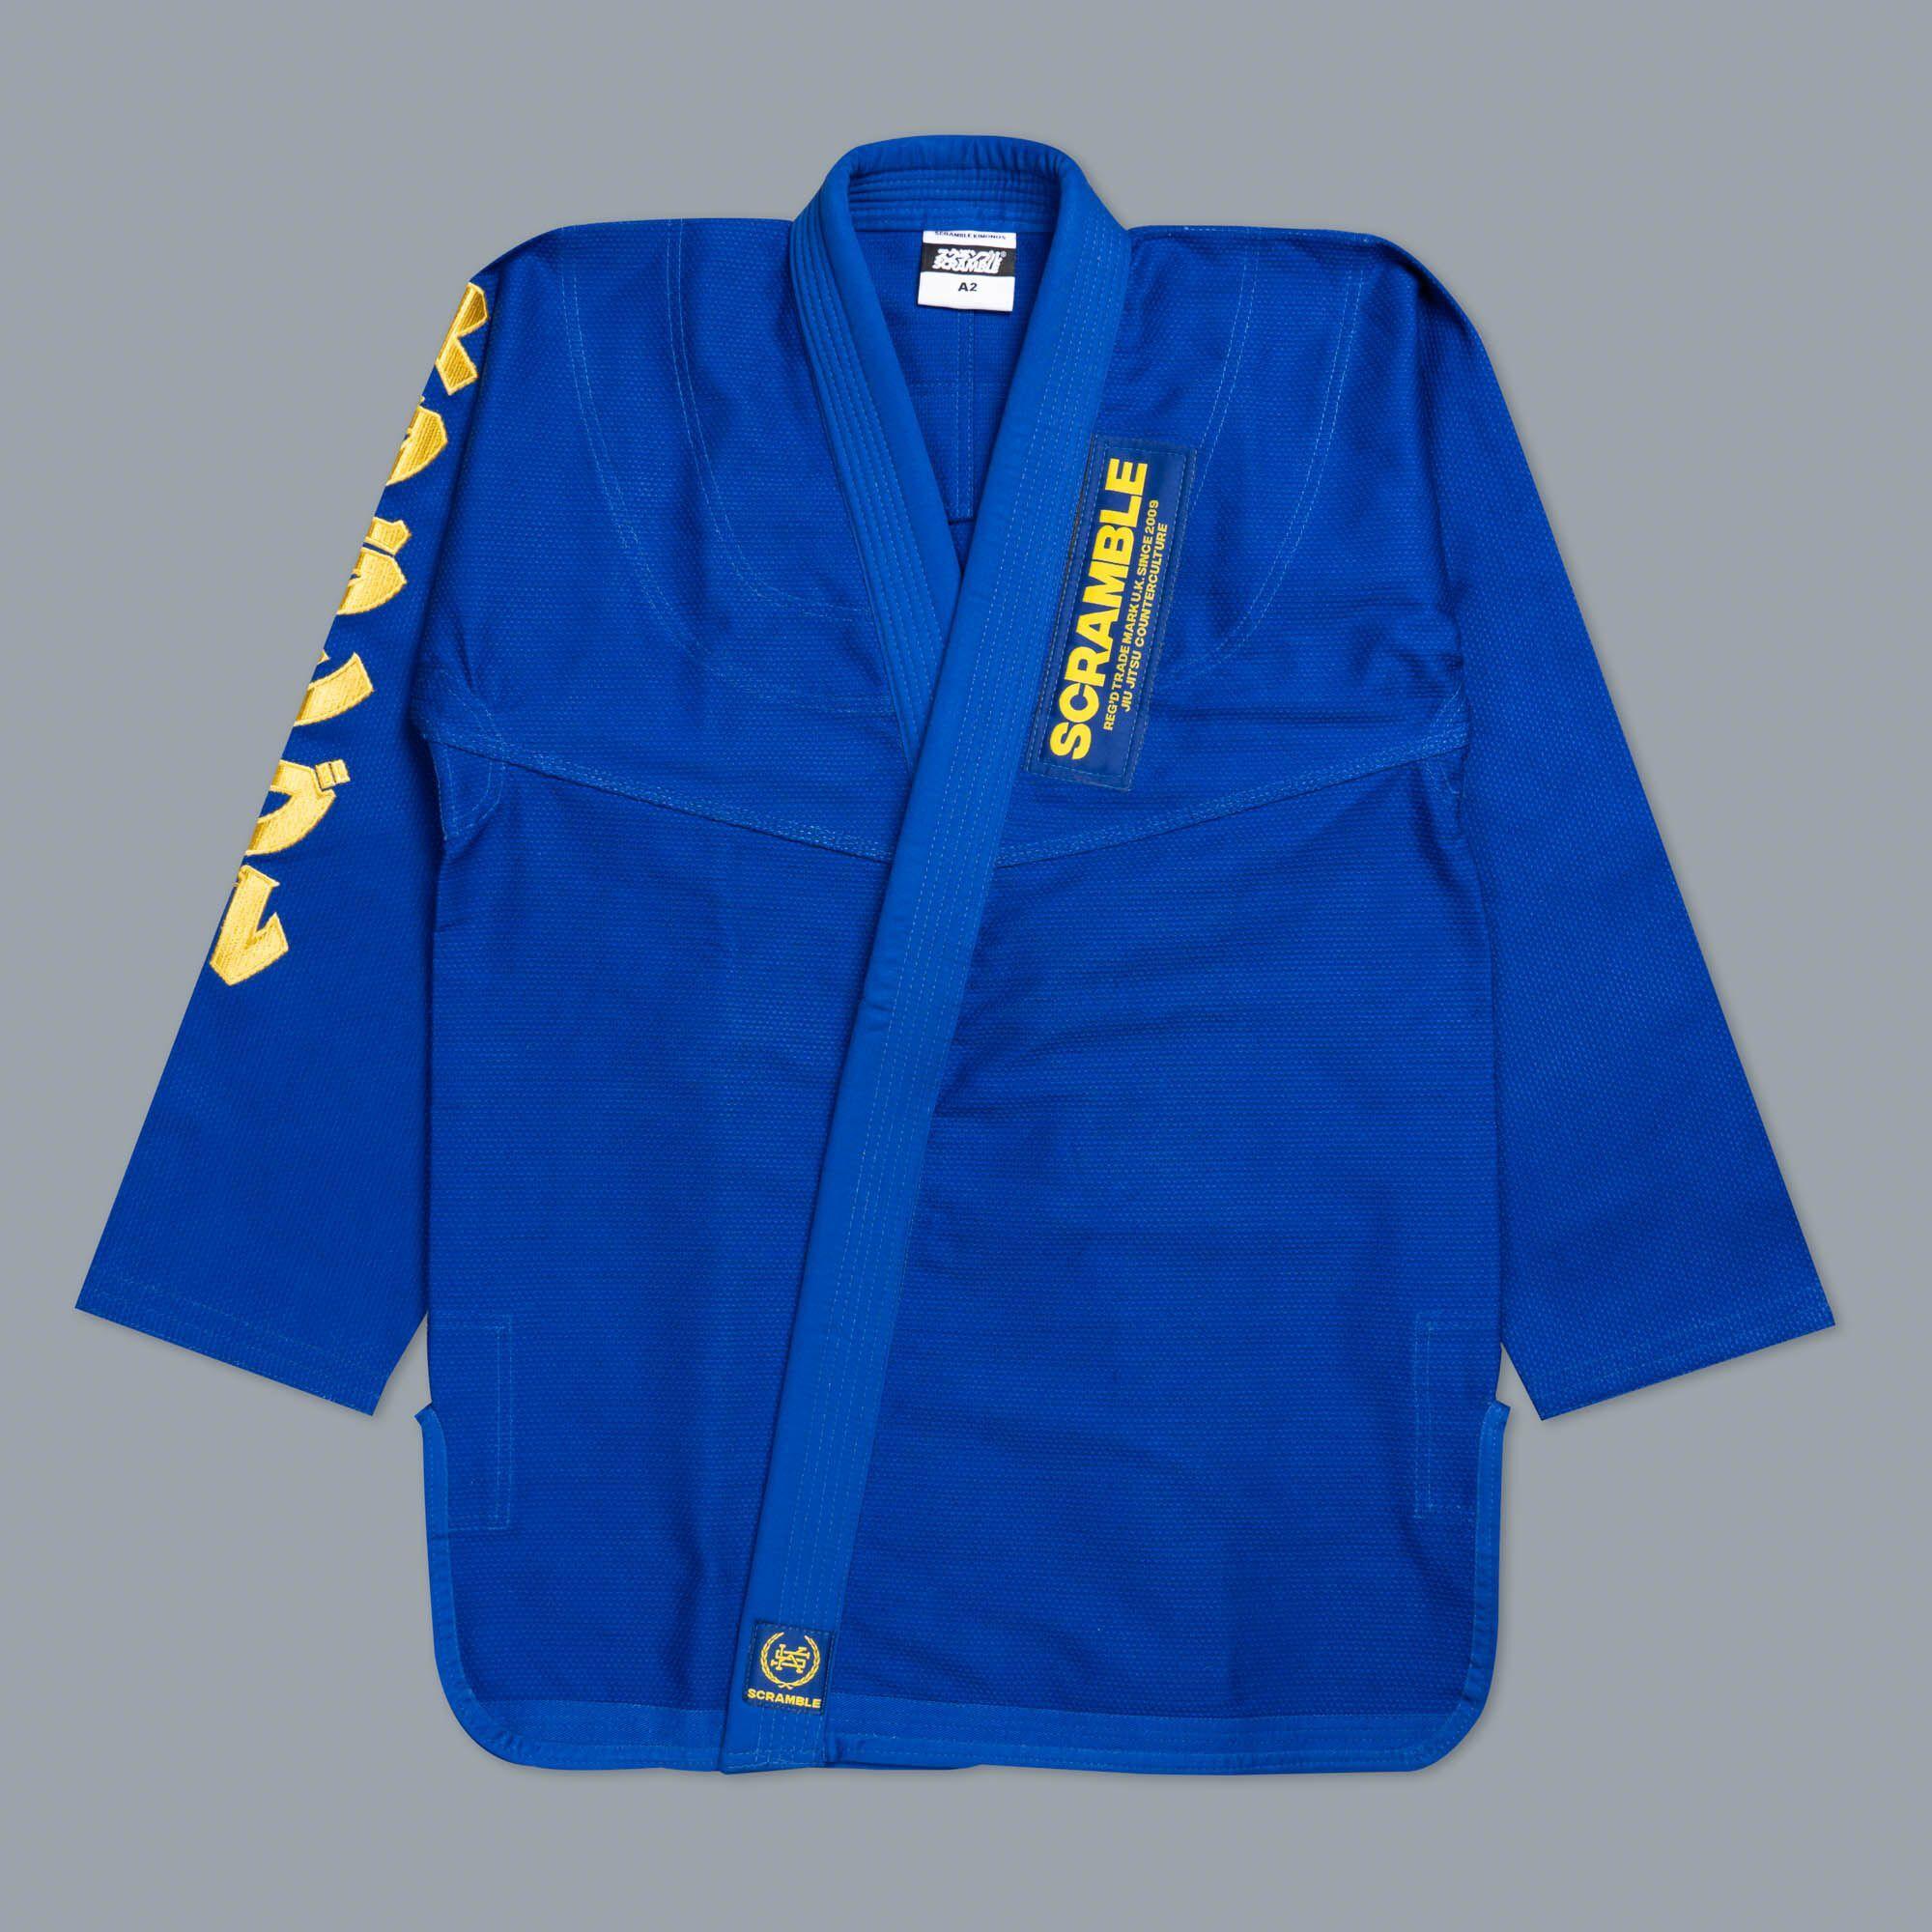 SCRAMBLE MAKOTO GI ブルー|ブラジリアン柔術着(柔術衣)